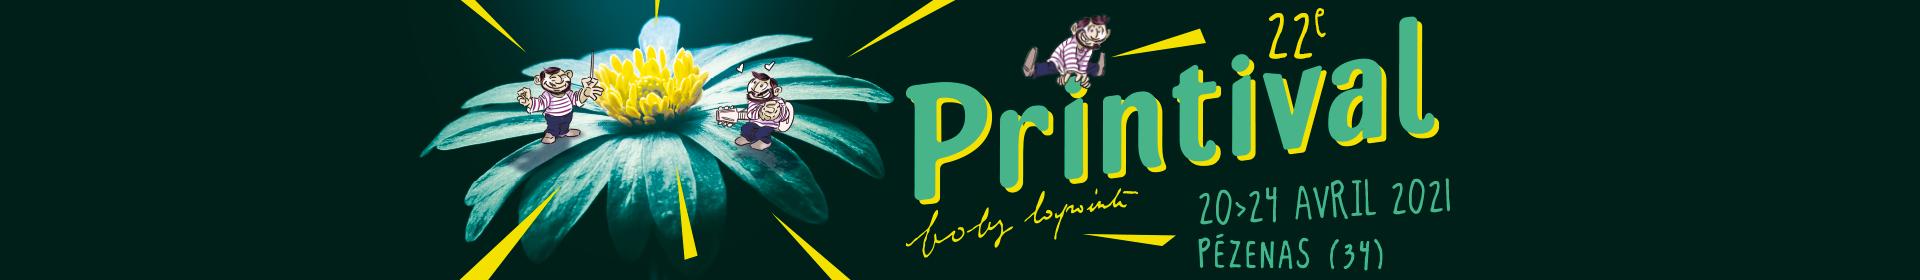 Printival Boby Lapointe - Festival et Fabrique Artistique